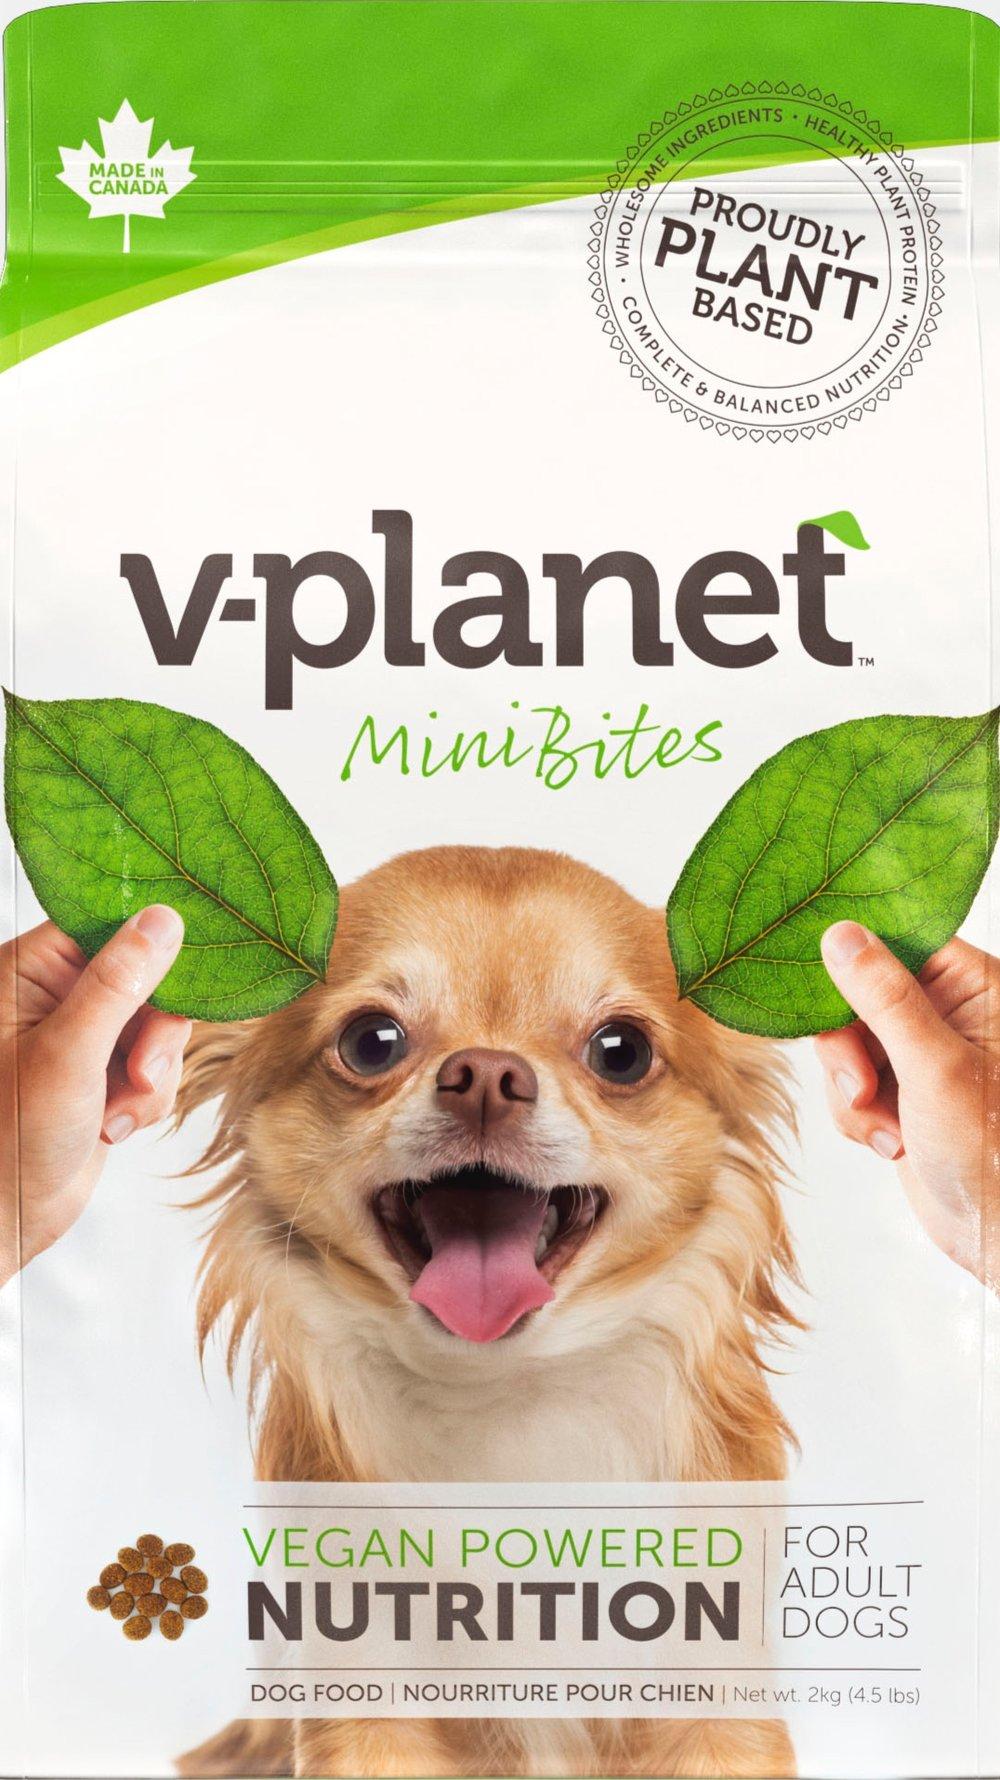 VPlanet_Bag4.5lb_2.04kg_MiniBites_4_FA.jpg